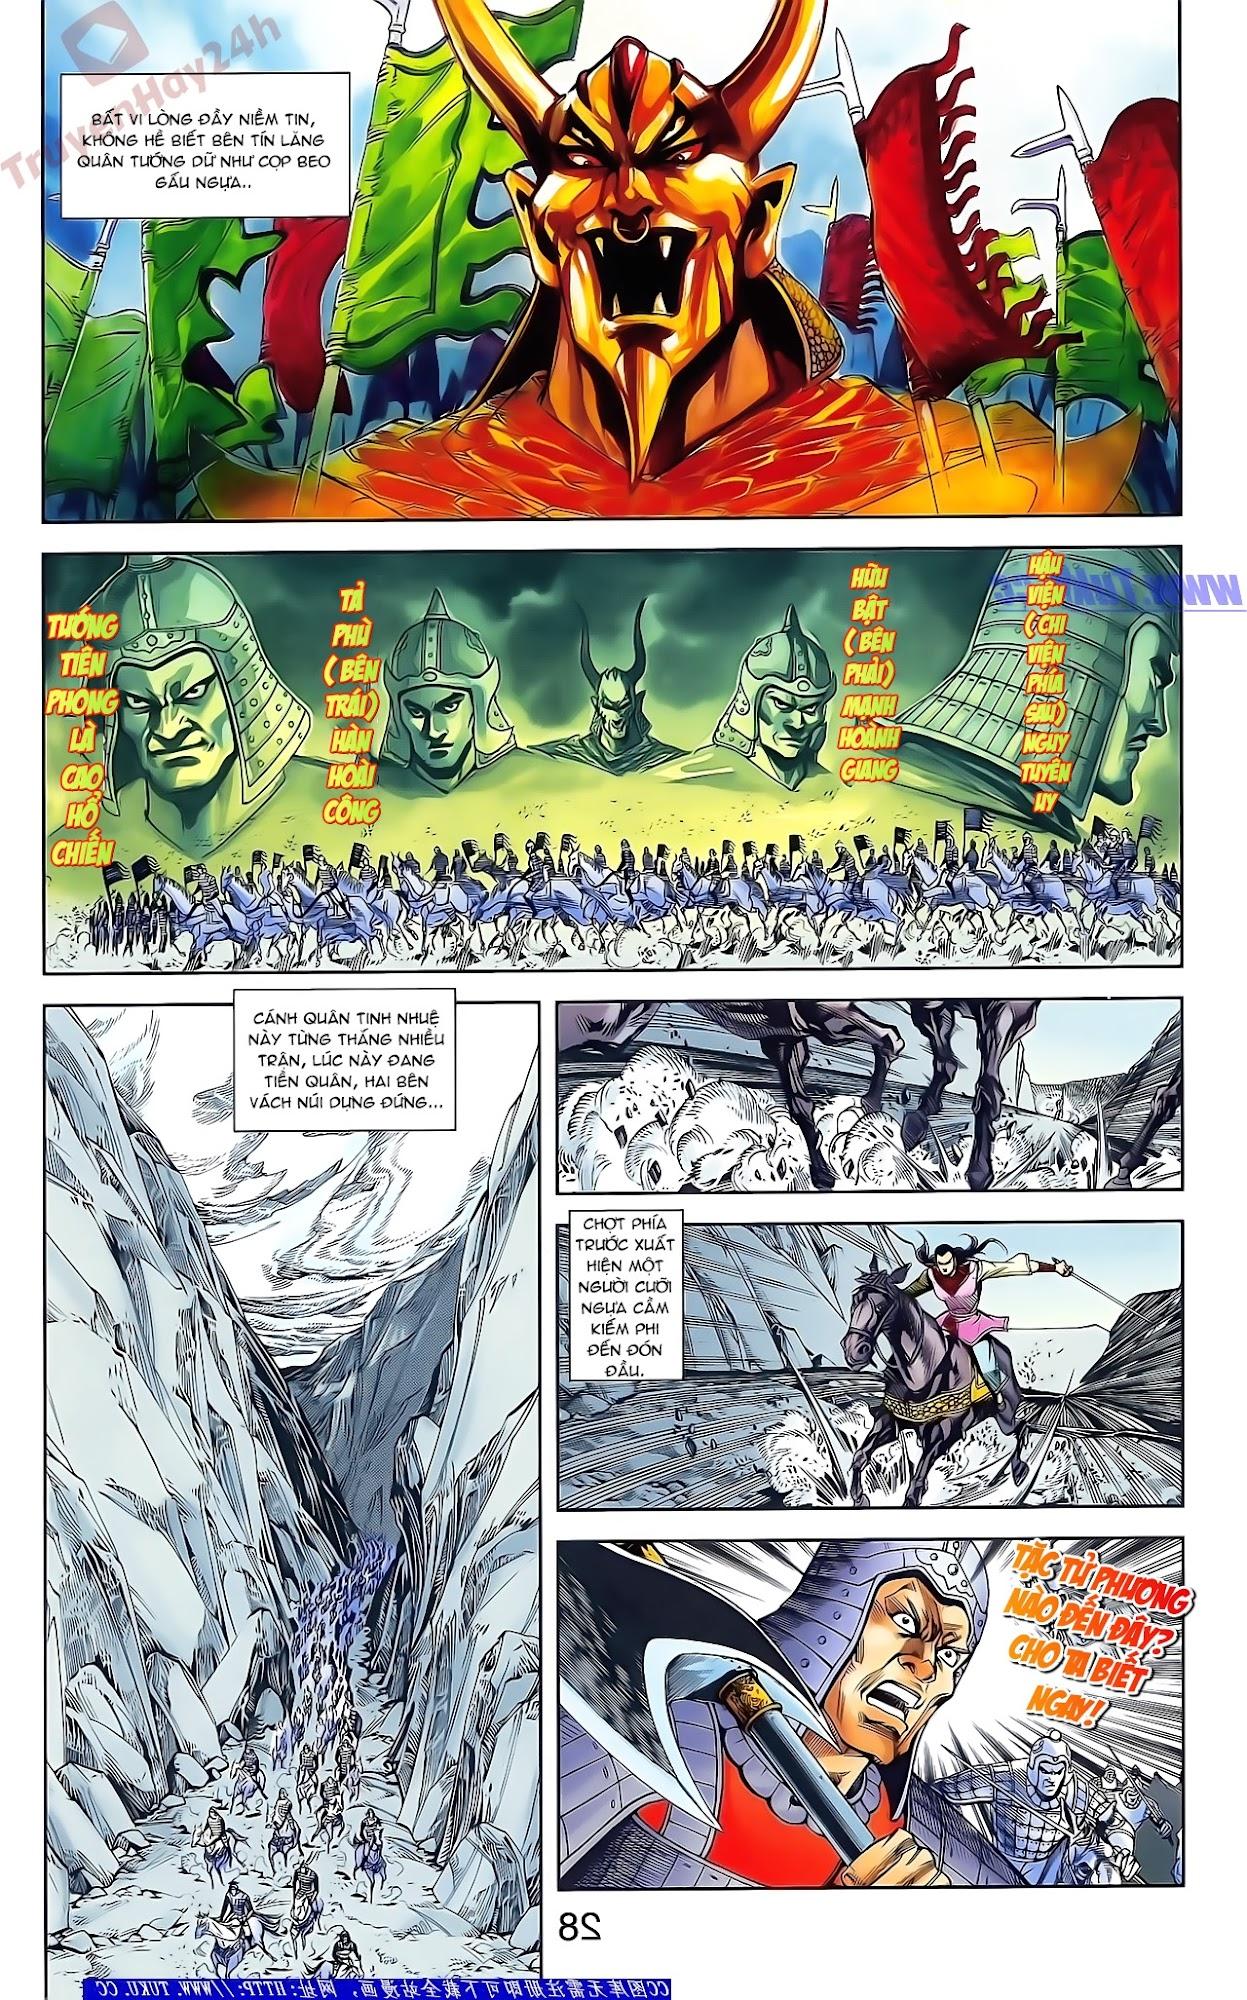 Tần Vương Doanh Chính chapter 48 trang 14